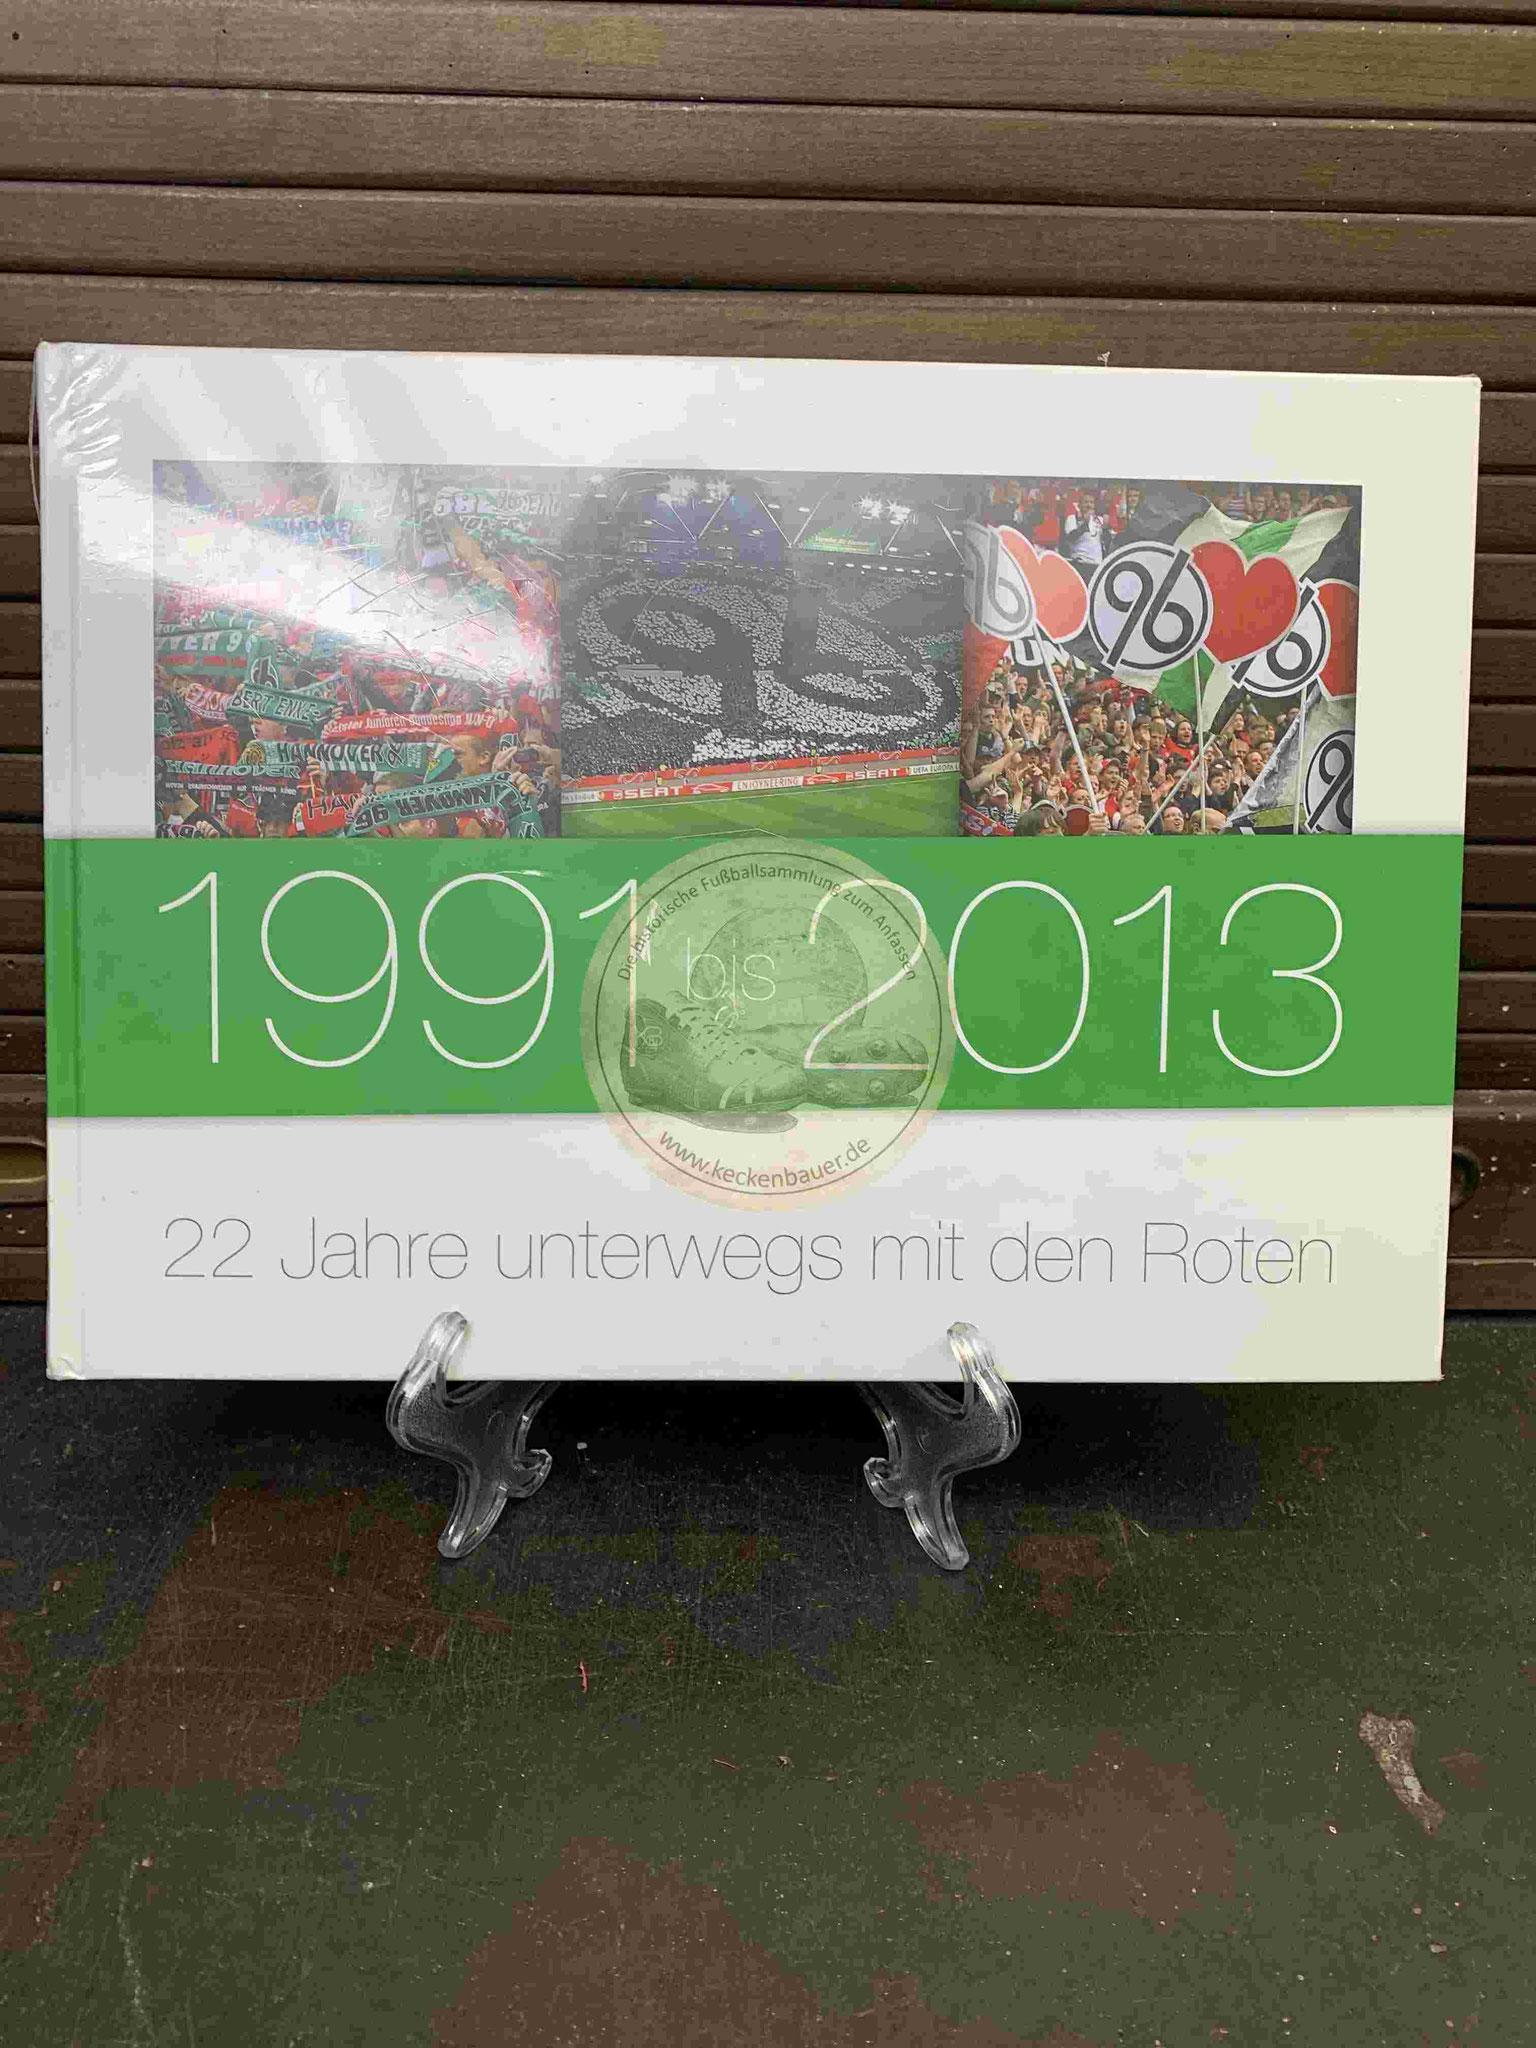 1991 bis 2013 22 Jahre unterwegs mit den Roten (Hannover 96)